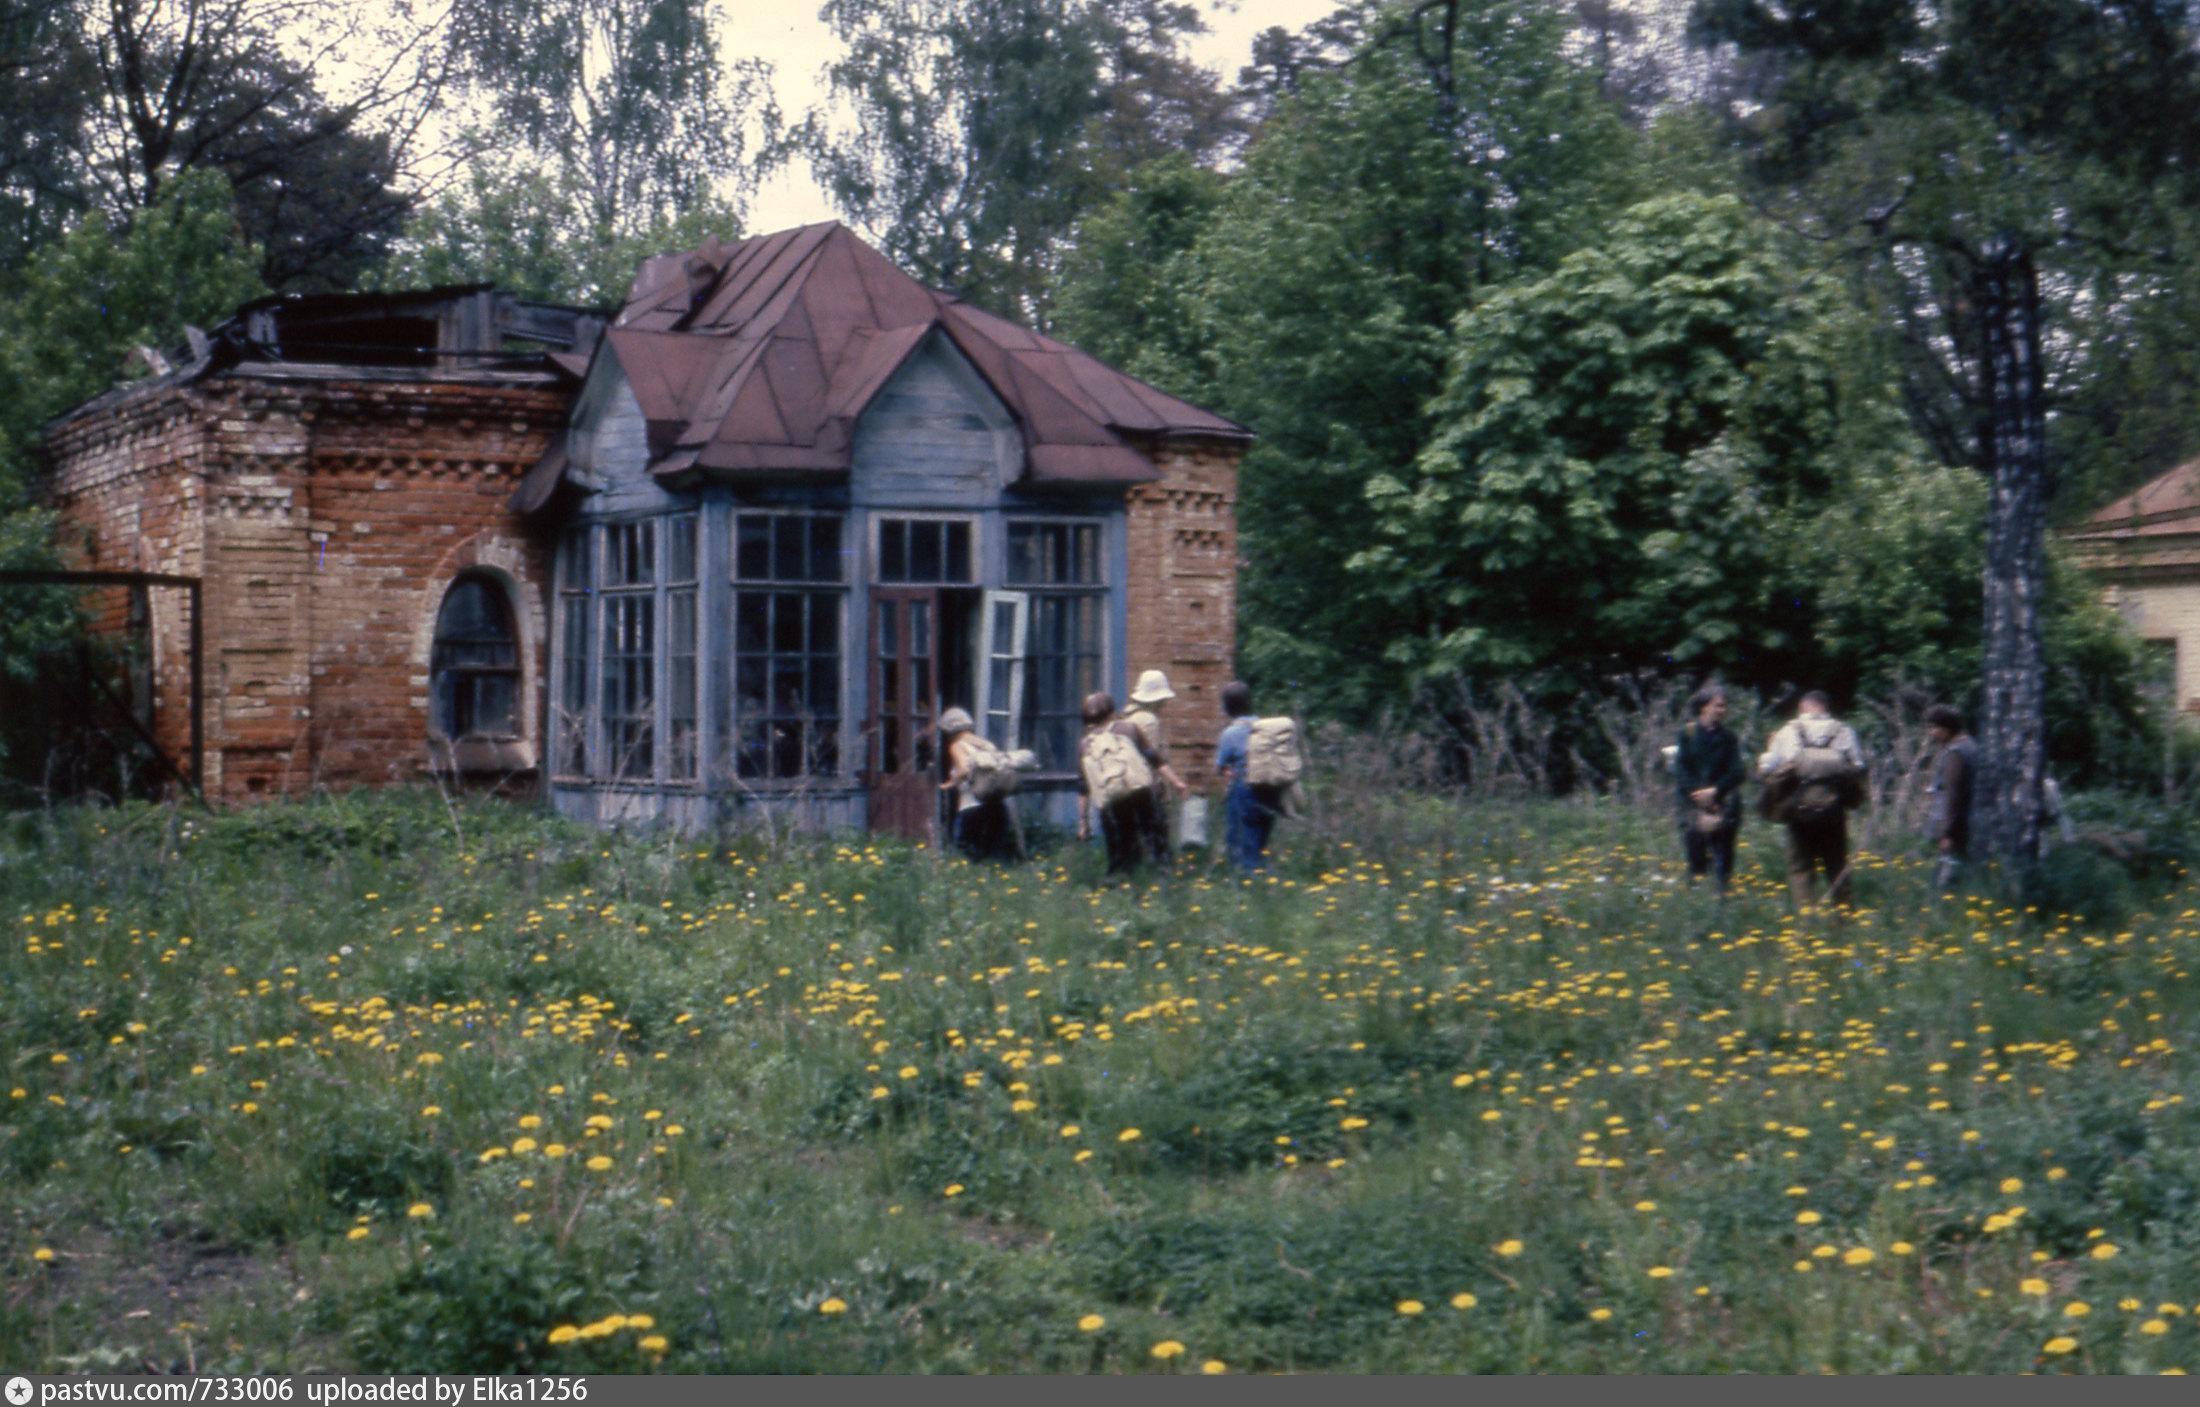 фотография 1992 – 1995гг. Туристы осматривают заброшенные постройки монастыря. Кстати, когда я учился в школе, мы приезжали сюда на турслет и примерно три дня стояли лагерем на берегу Рожайки недалеко от скита.